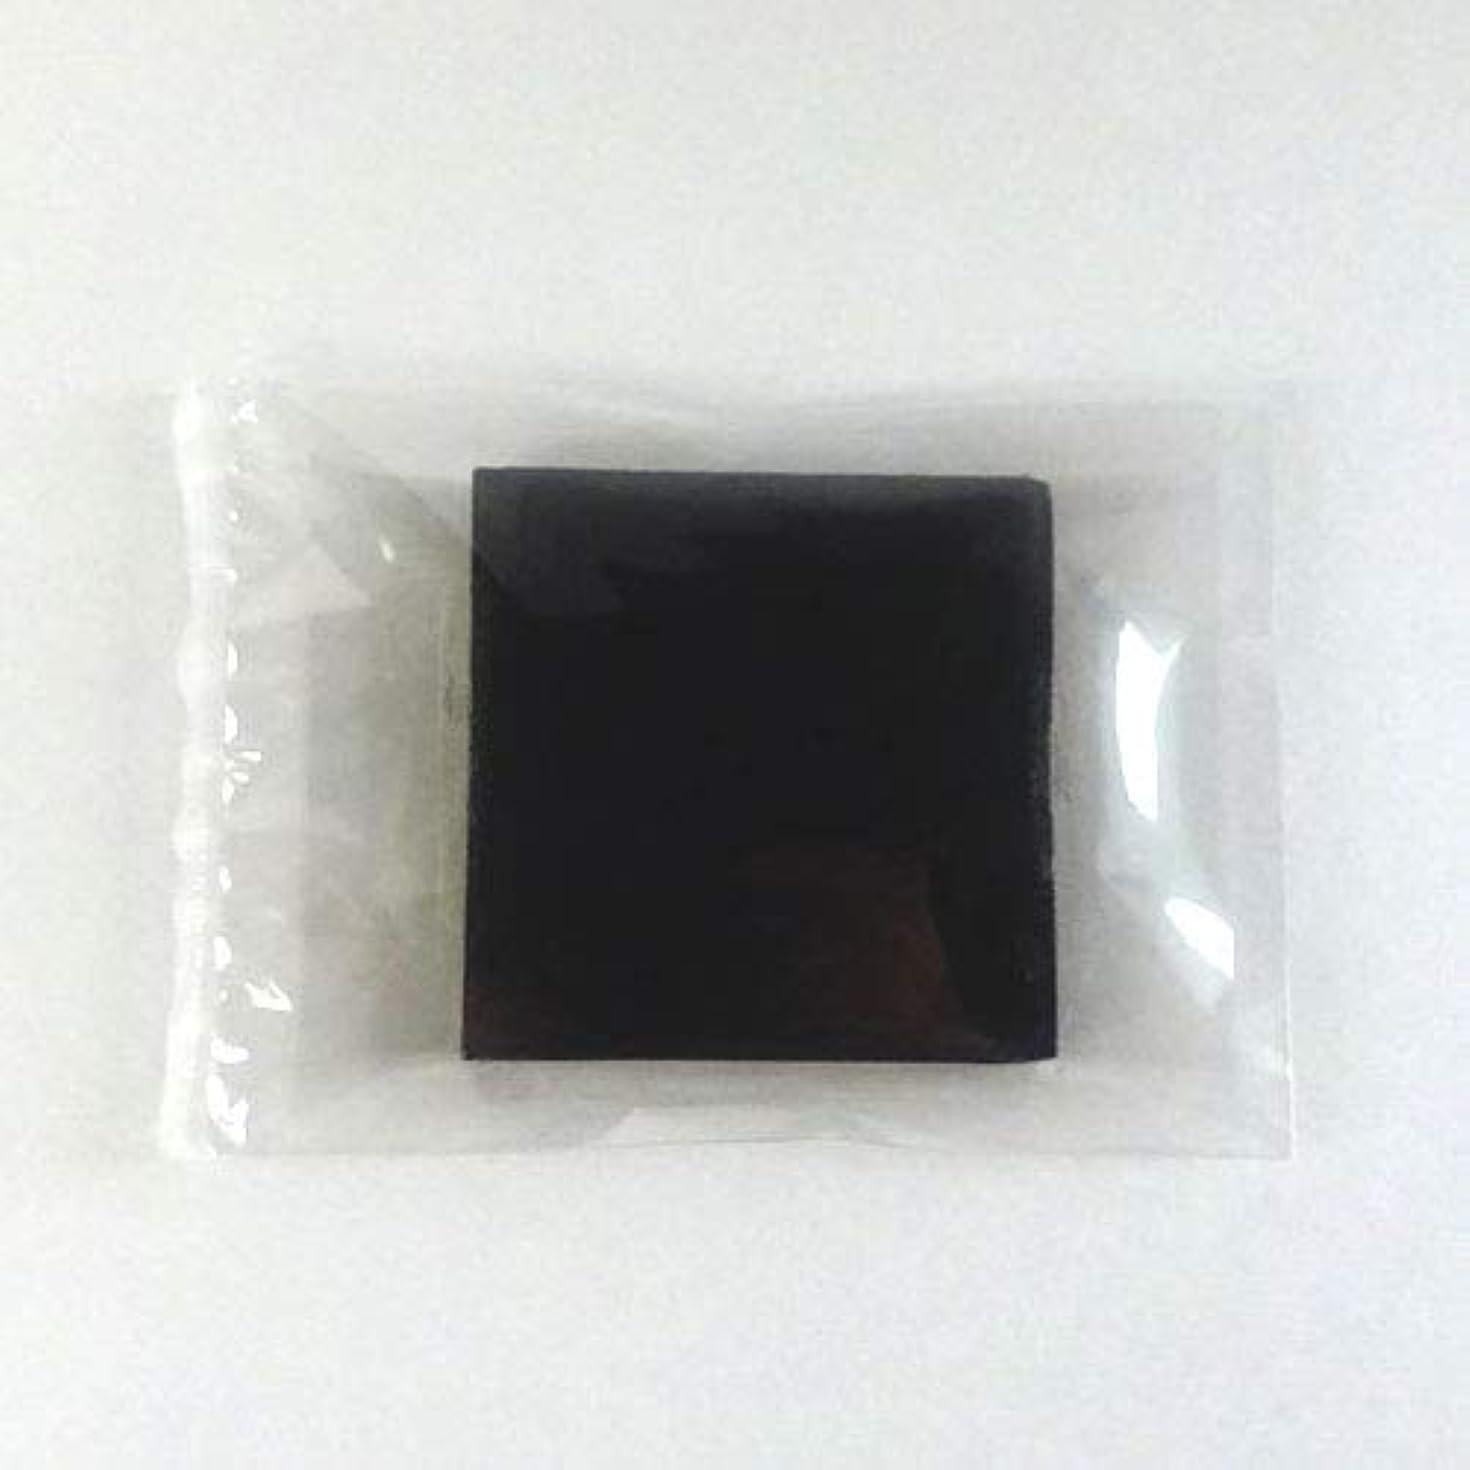 馬鹿グッゲンハイム美術館前売グリセリンソープ MPソープ 色チップ 黒(ブラック) 120g(30g x 4pc)